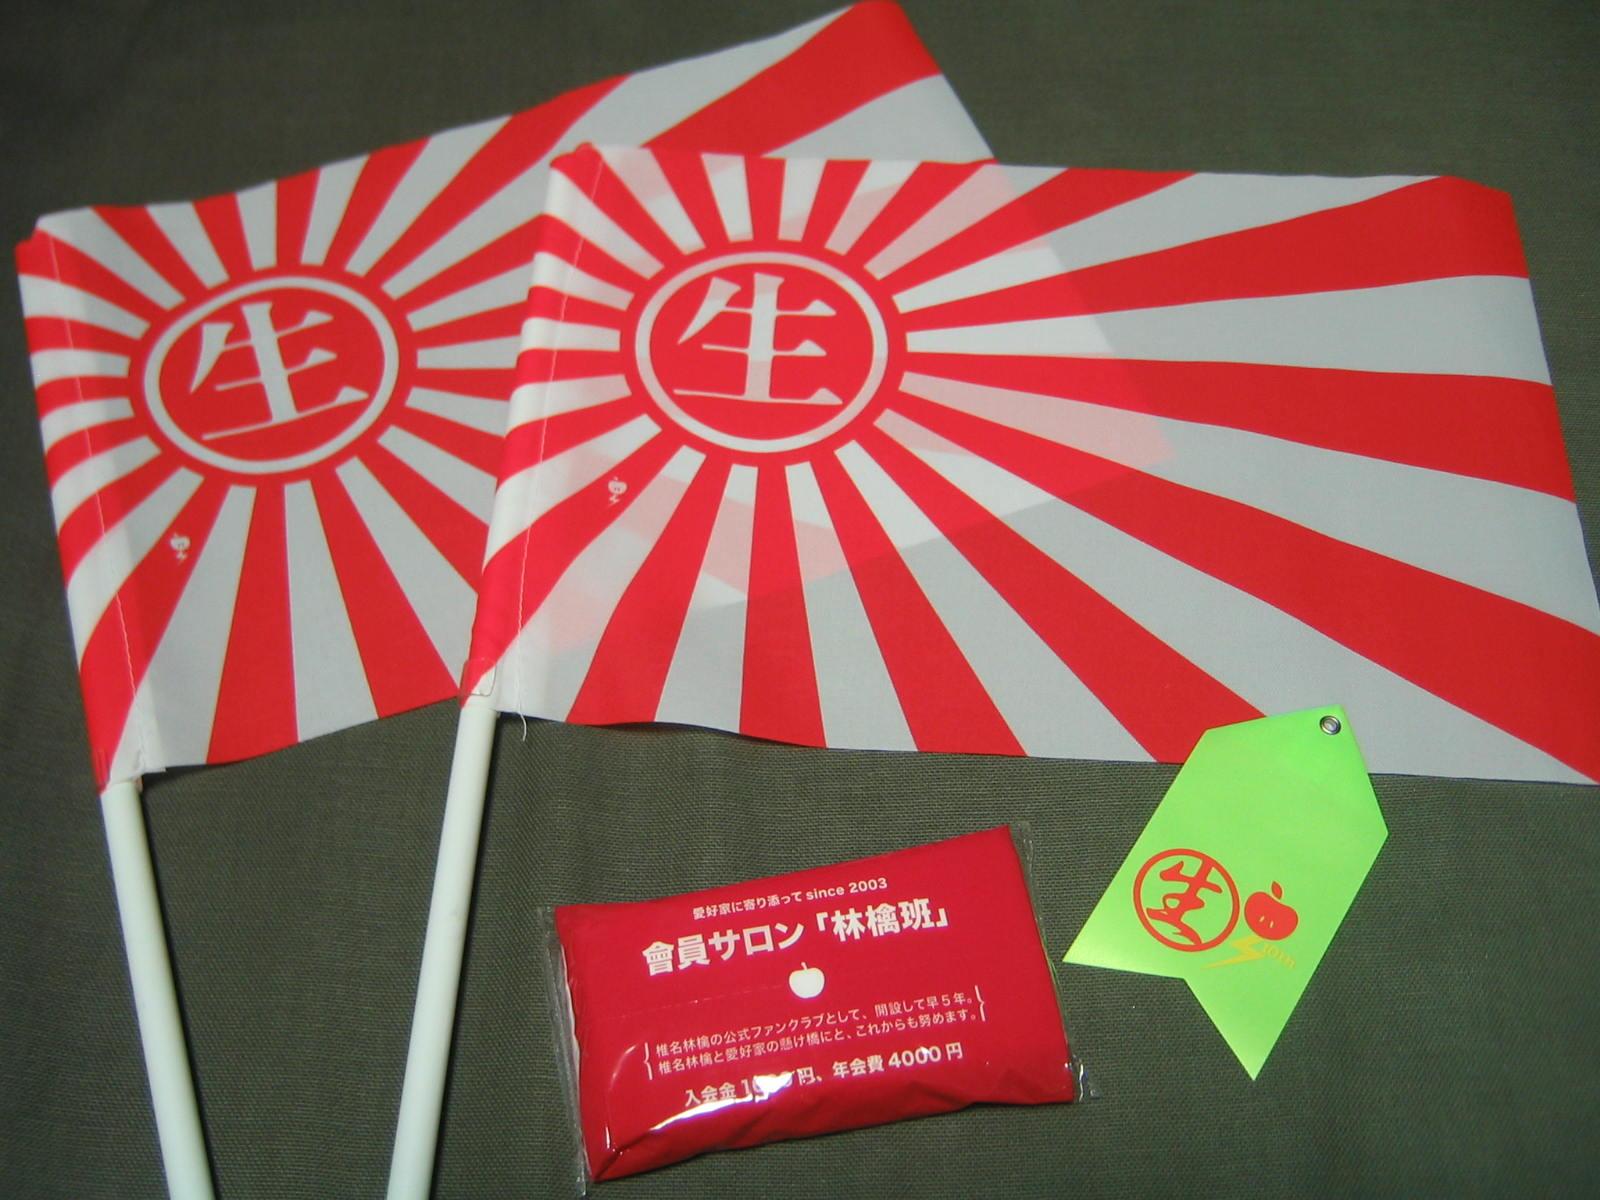 椎名林檎が錯乱 W杯に向けてナショナリズム丸出しの新曲「NIPPON」発表 ライブで旭日旗を配布